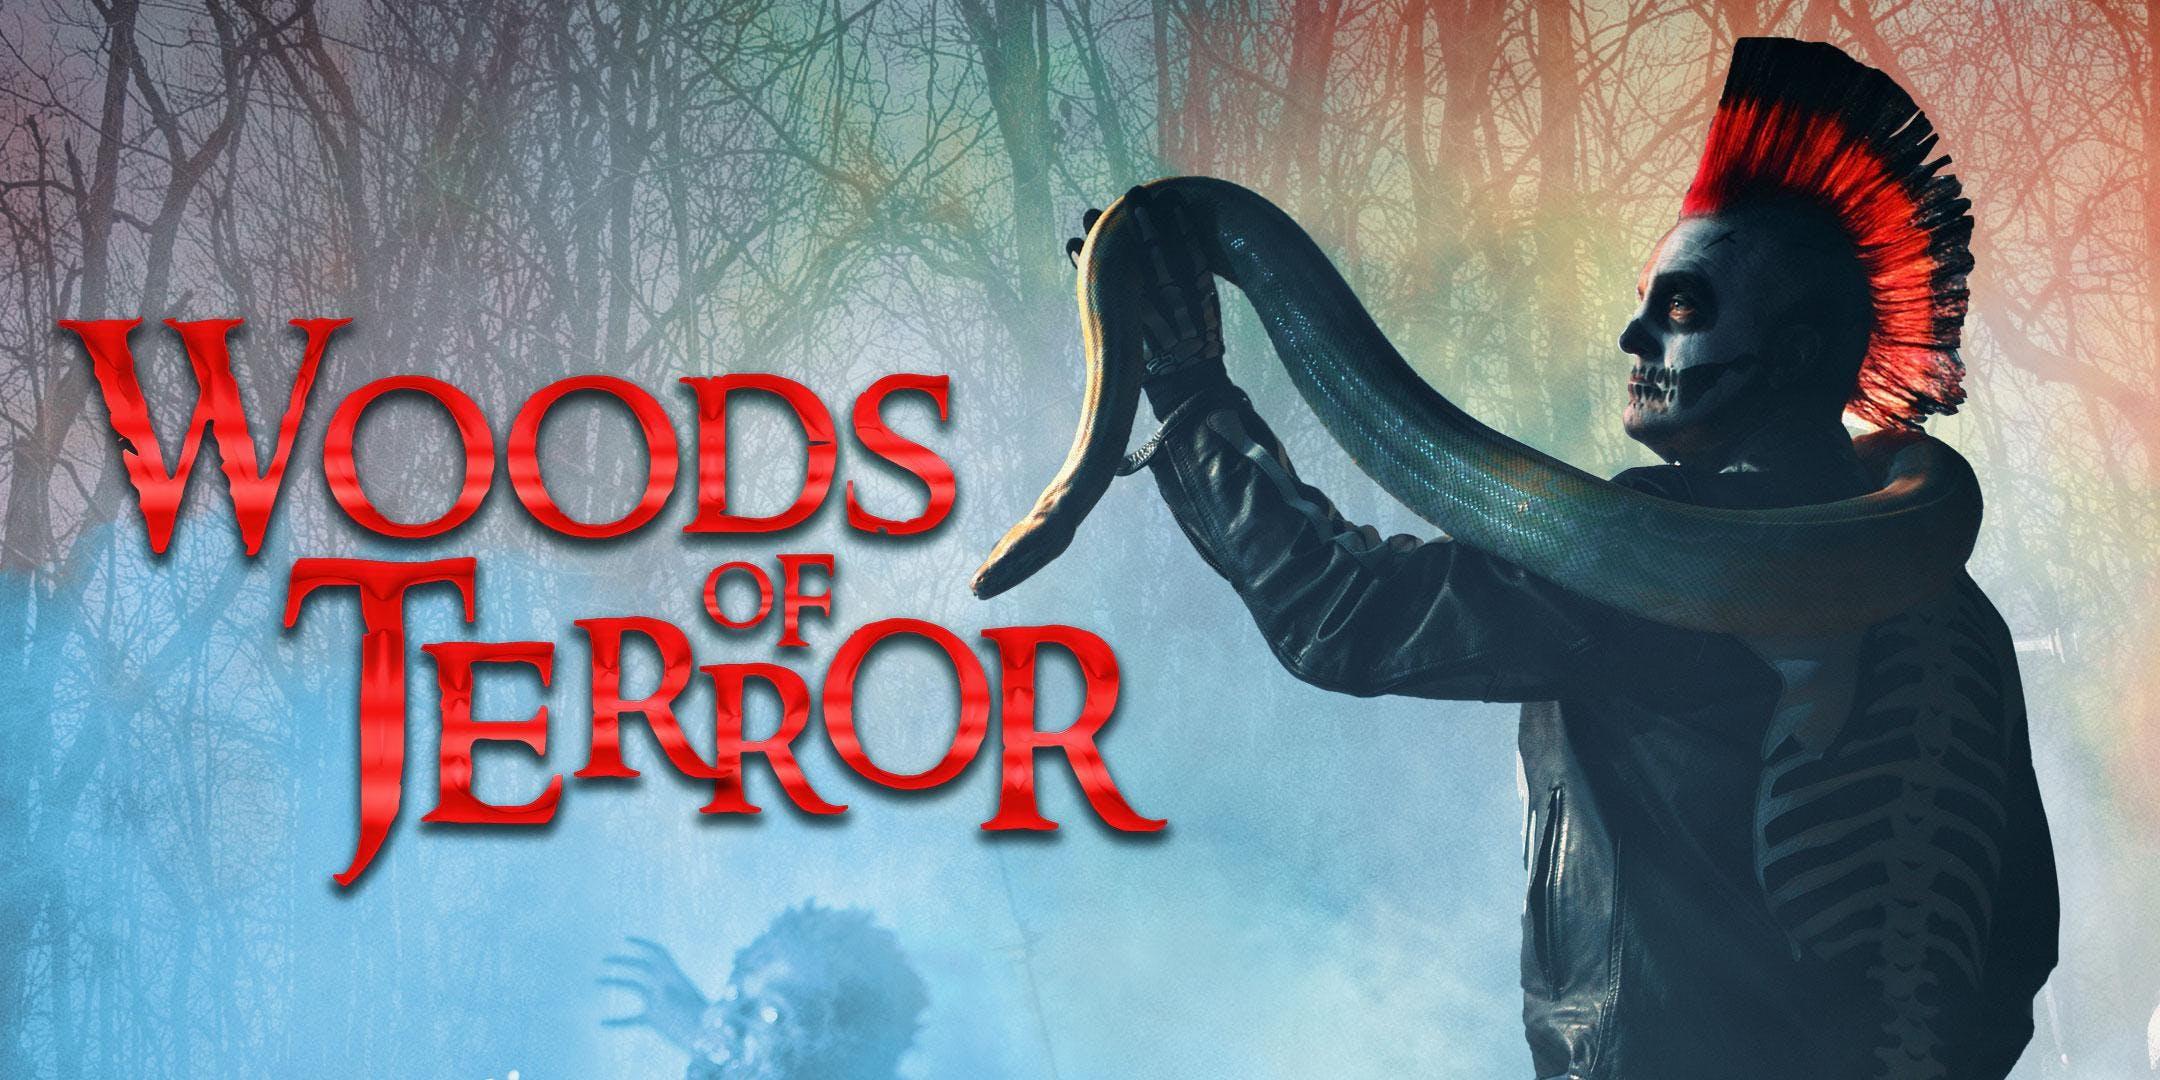 Woods of Terror